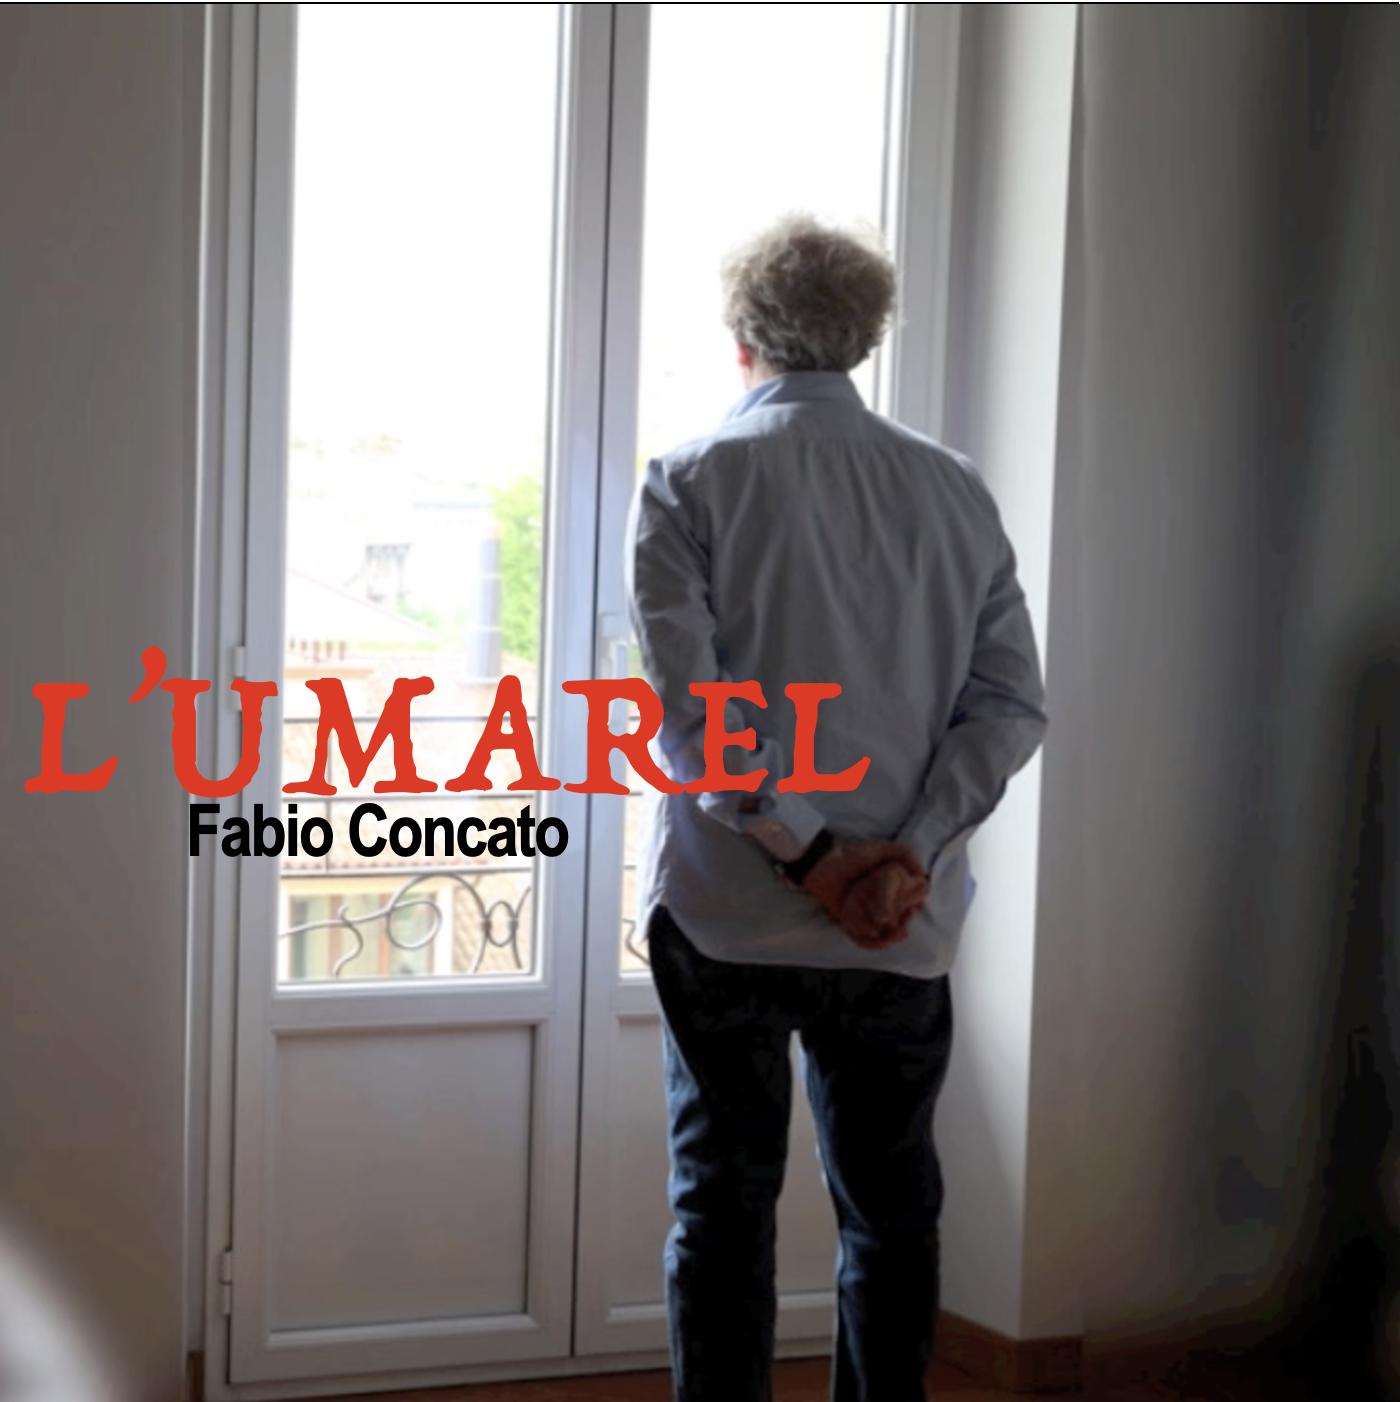 L'Umarell story: Fabio Concato - Amici, sono felice che L'Umarell...